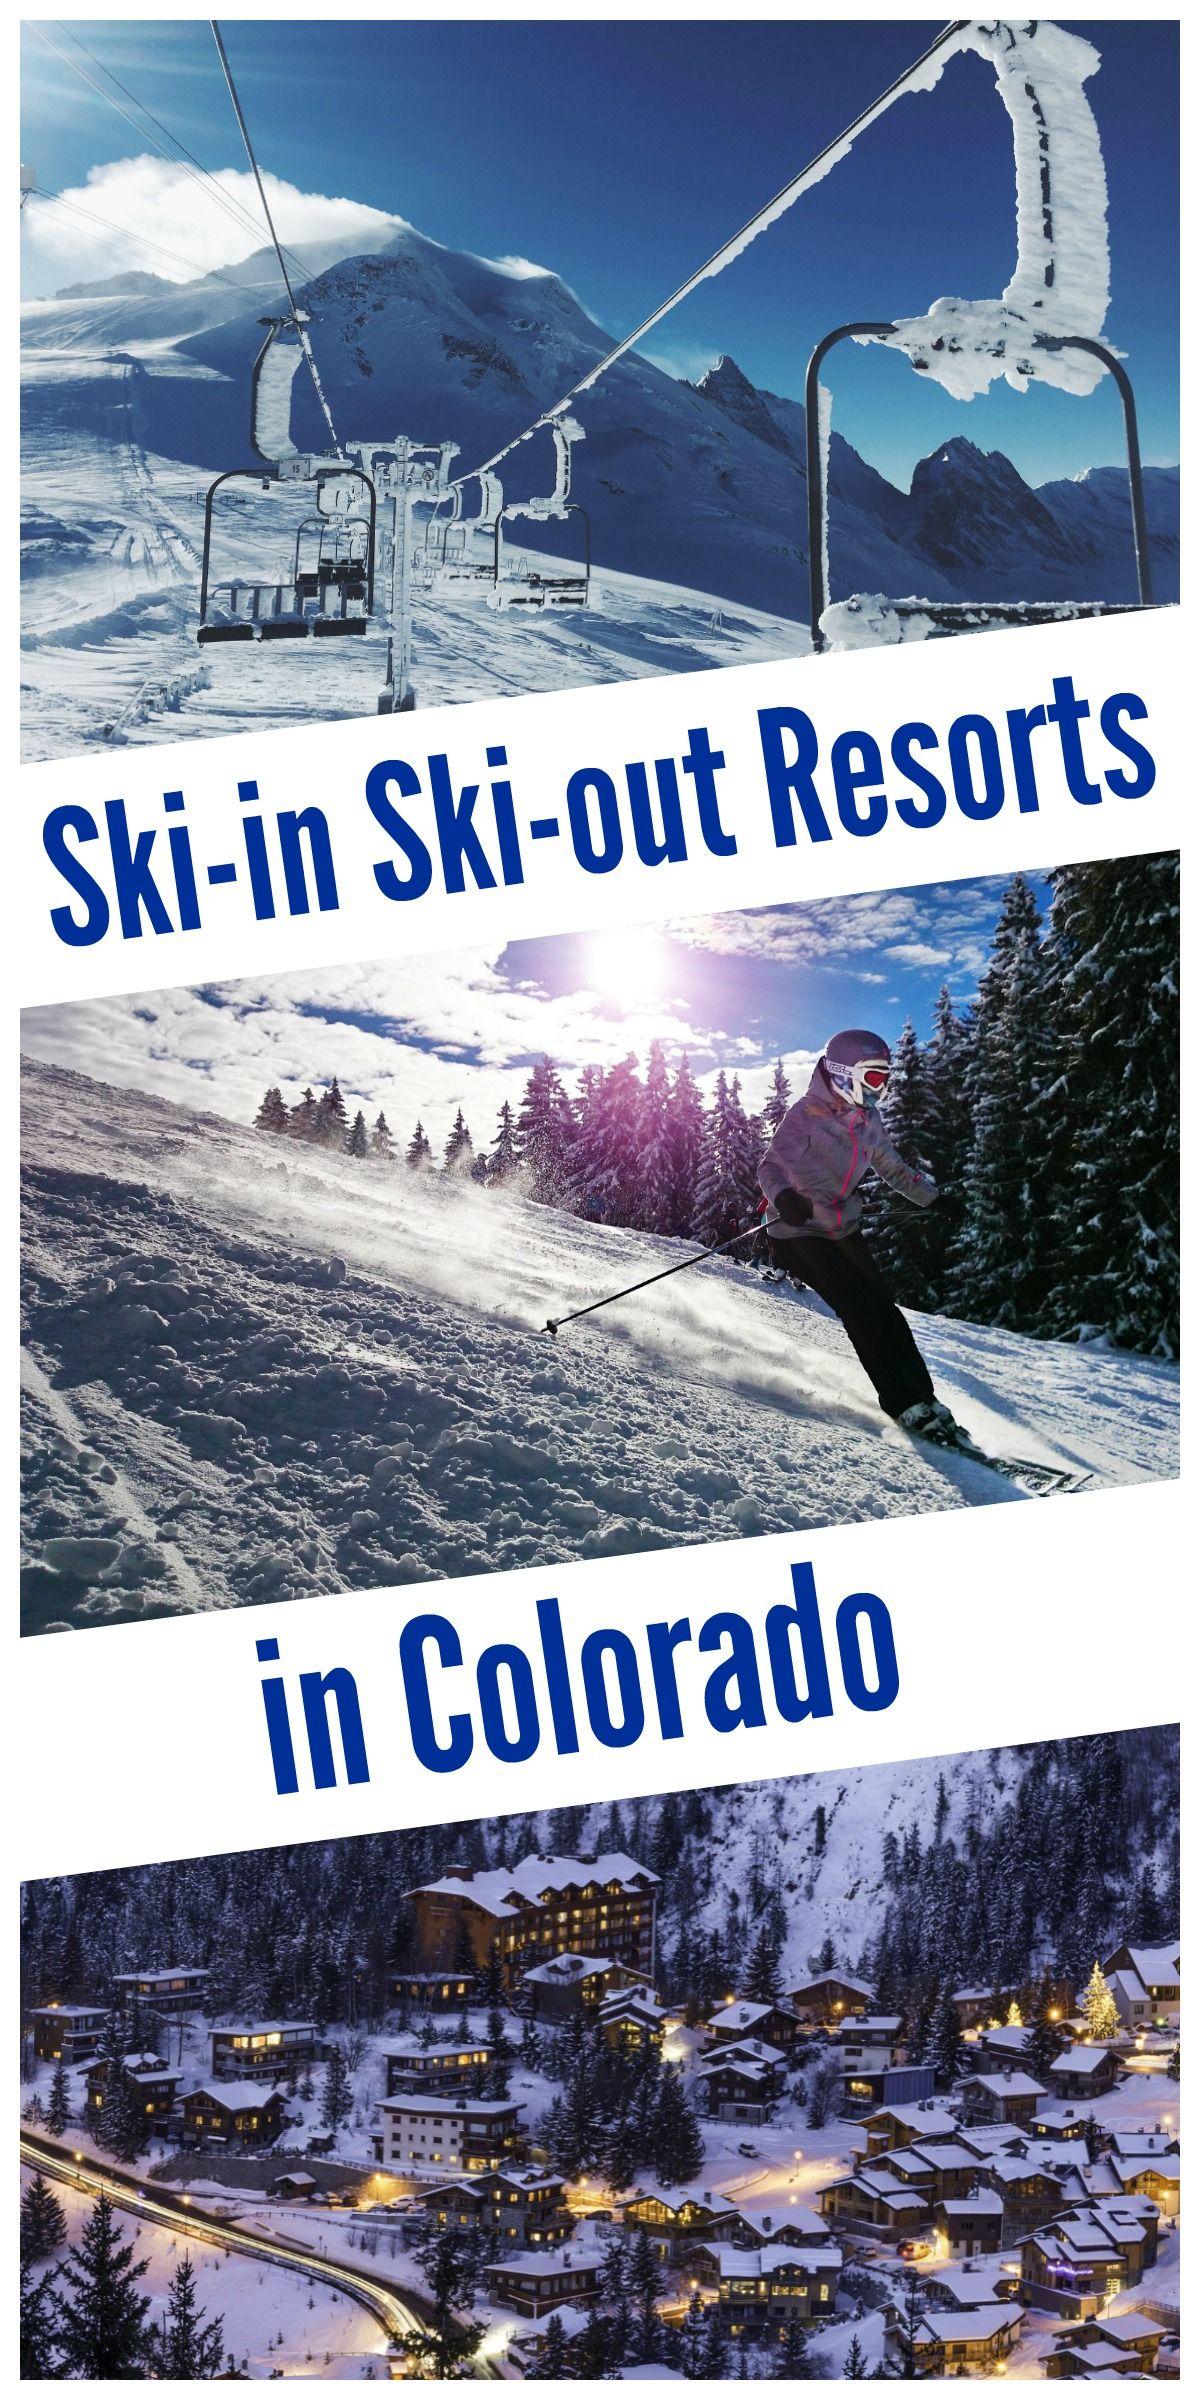 ski-in ski-out resorts in colorado: breckenridge, keystone & copper